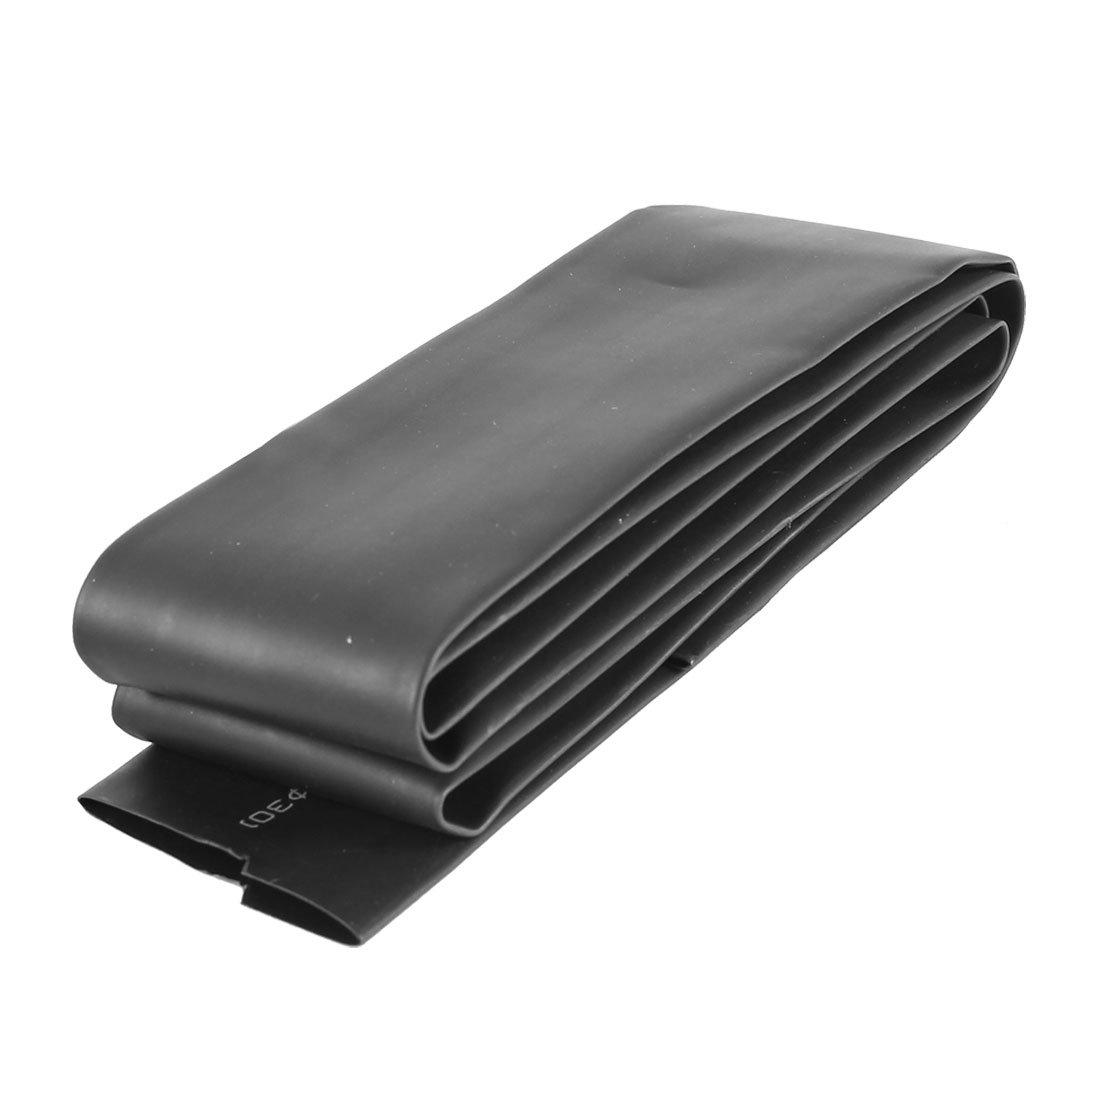 1 Meter 30mm Dia Ratio 2:1 Heat Shrinkable Shrinking Tube Black